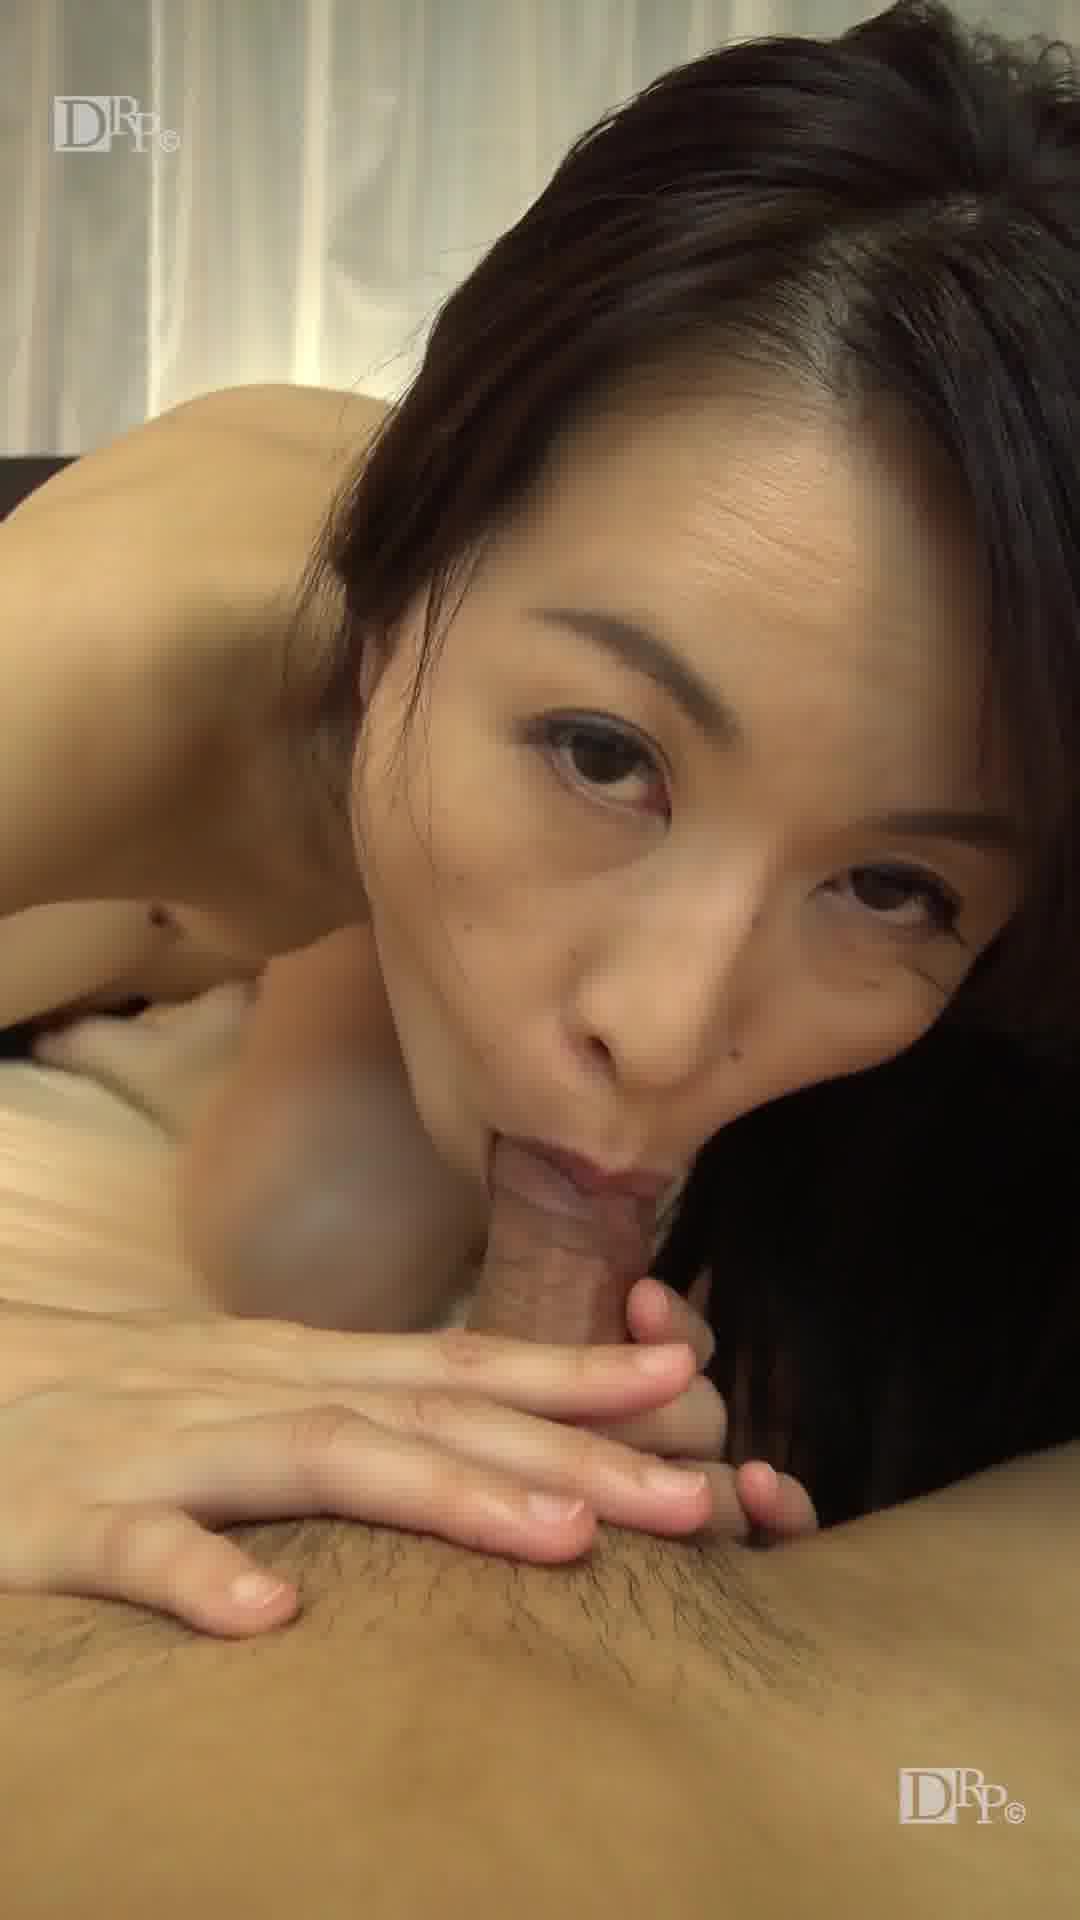 縦型動画 027 ~グイグイくる熟女の隠語フェラ~ - 井上綾子【痴女・スレンダー・隠語】